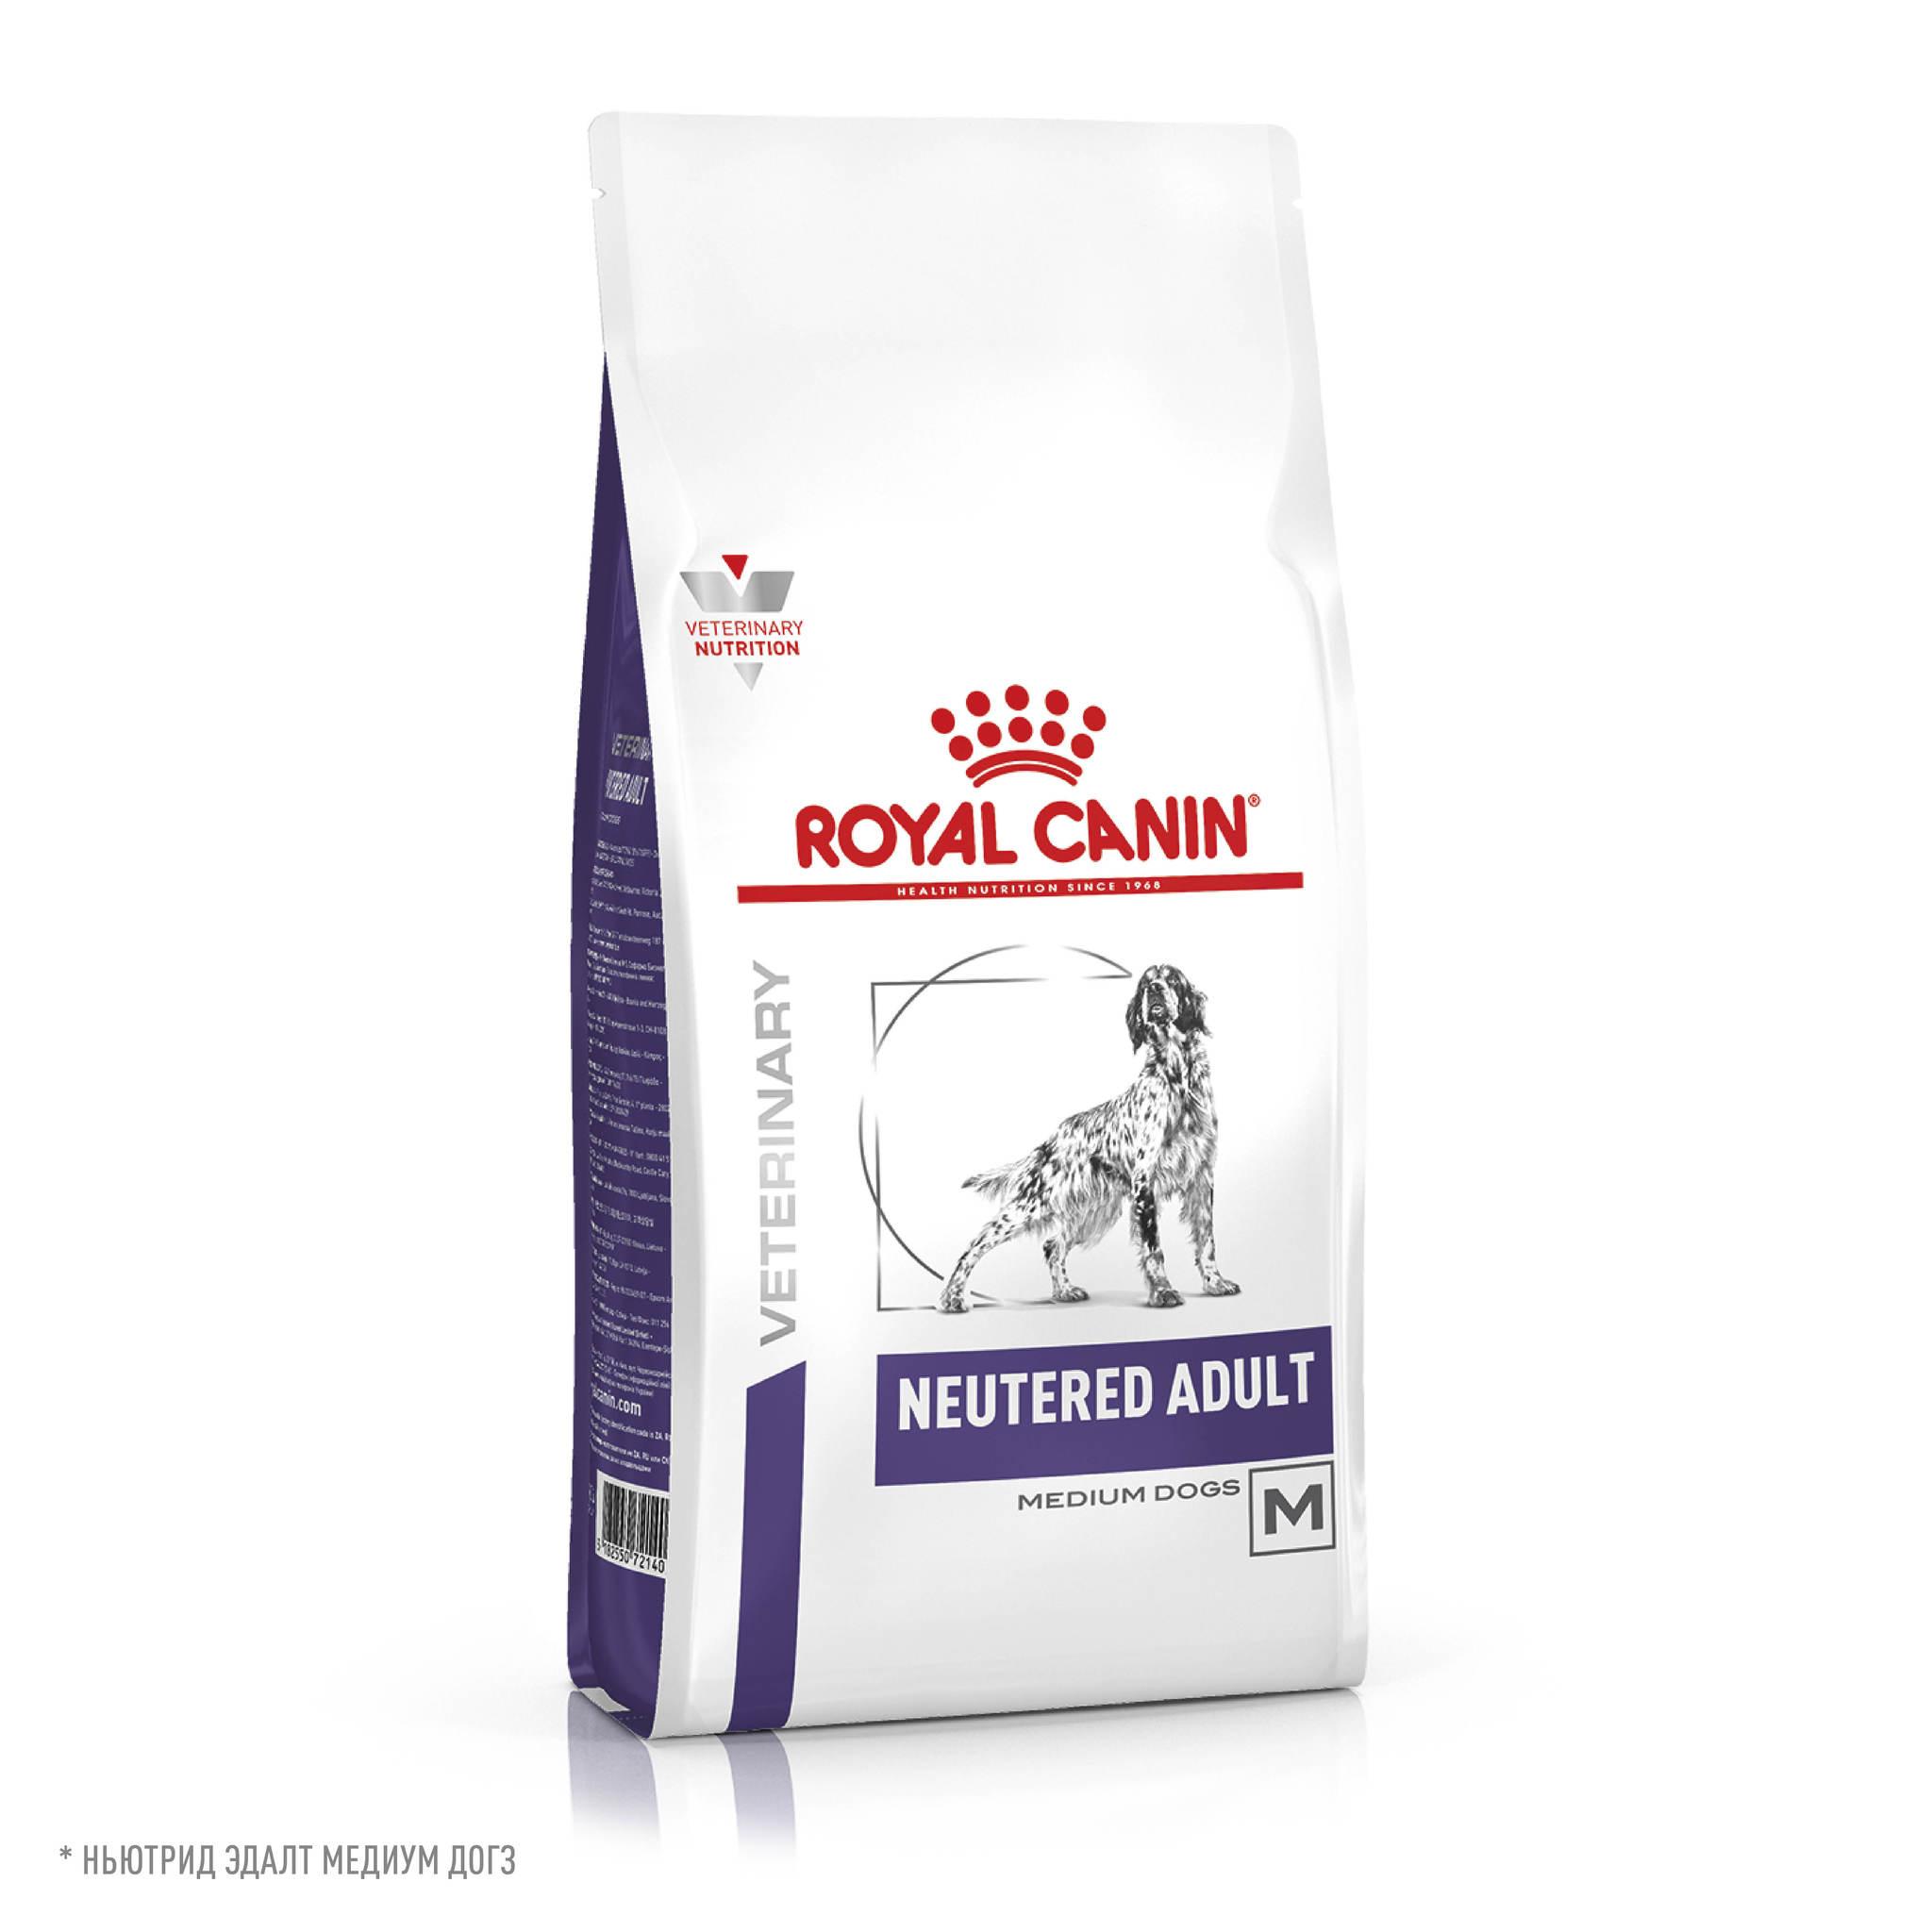 Royal Canin Корм для собак, Royal Canin Neutered Adult, для кастрированных/стерилизованных собак весом от 11 до 25 кг старше 12 мес. 3182550761840_1.jpg